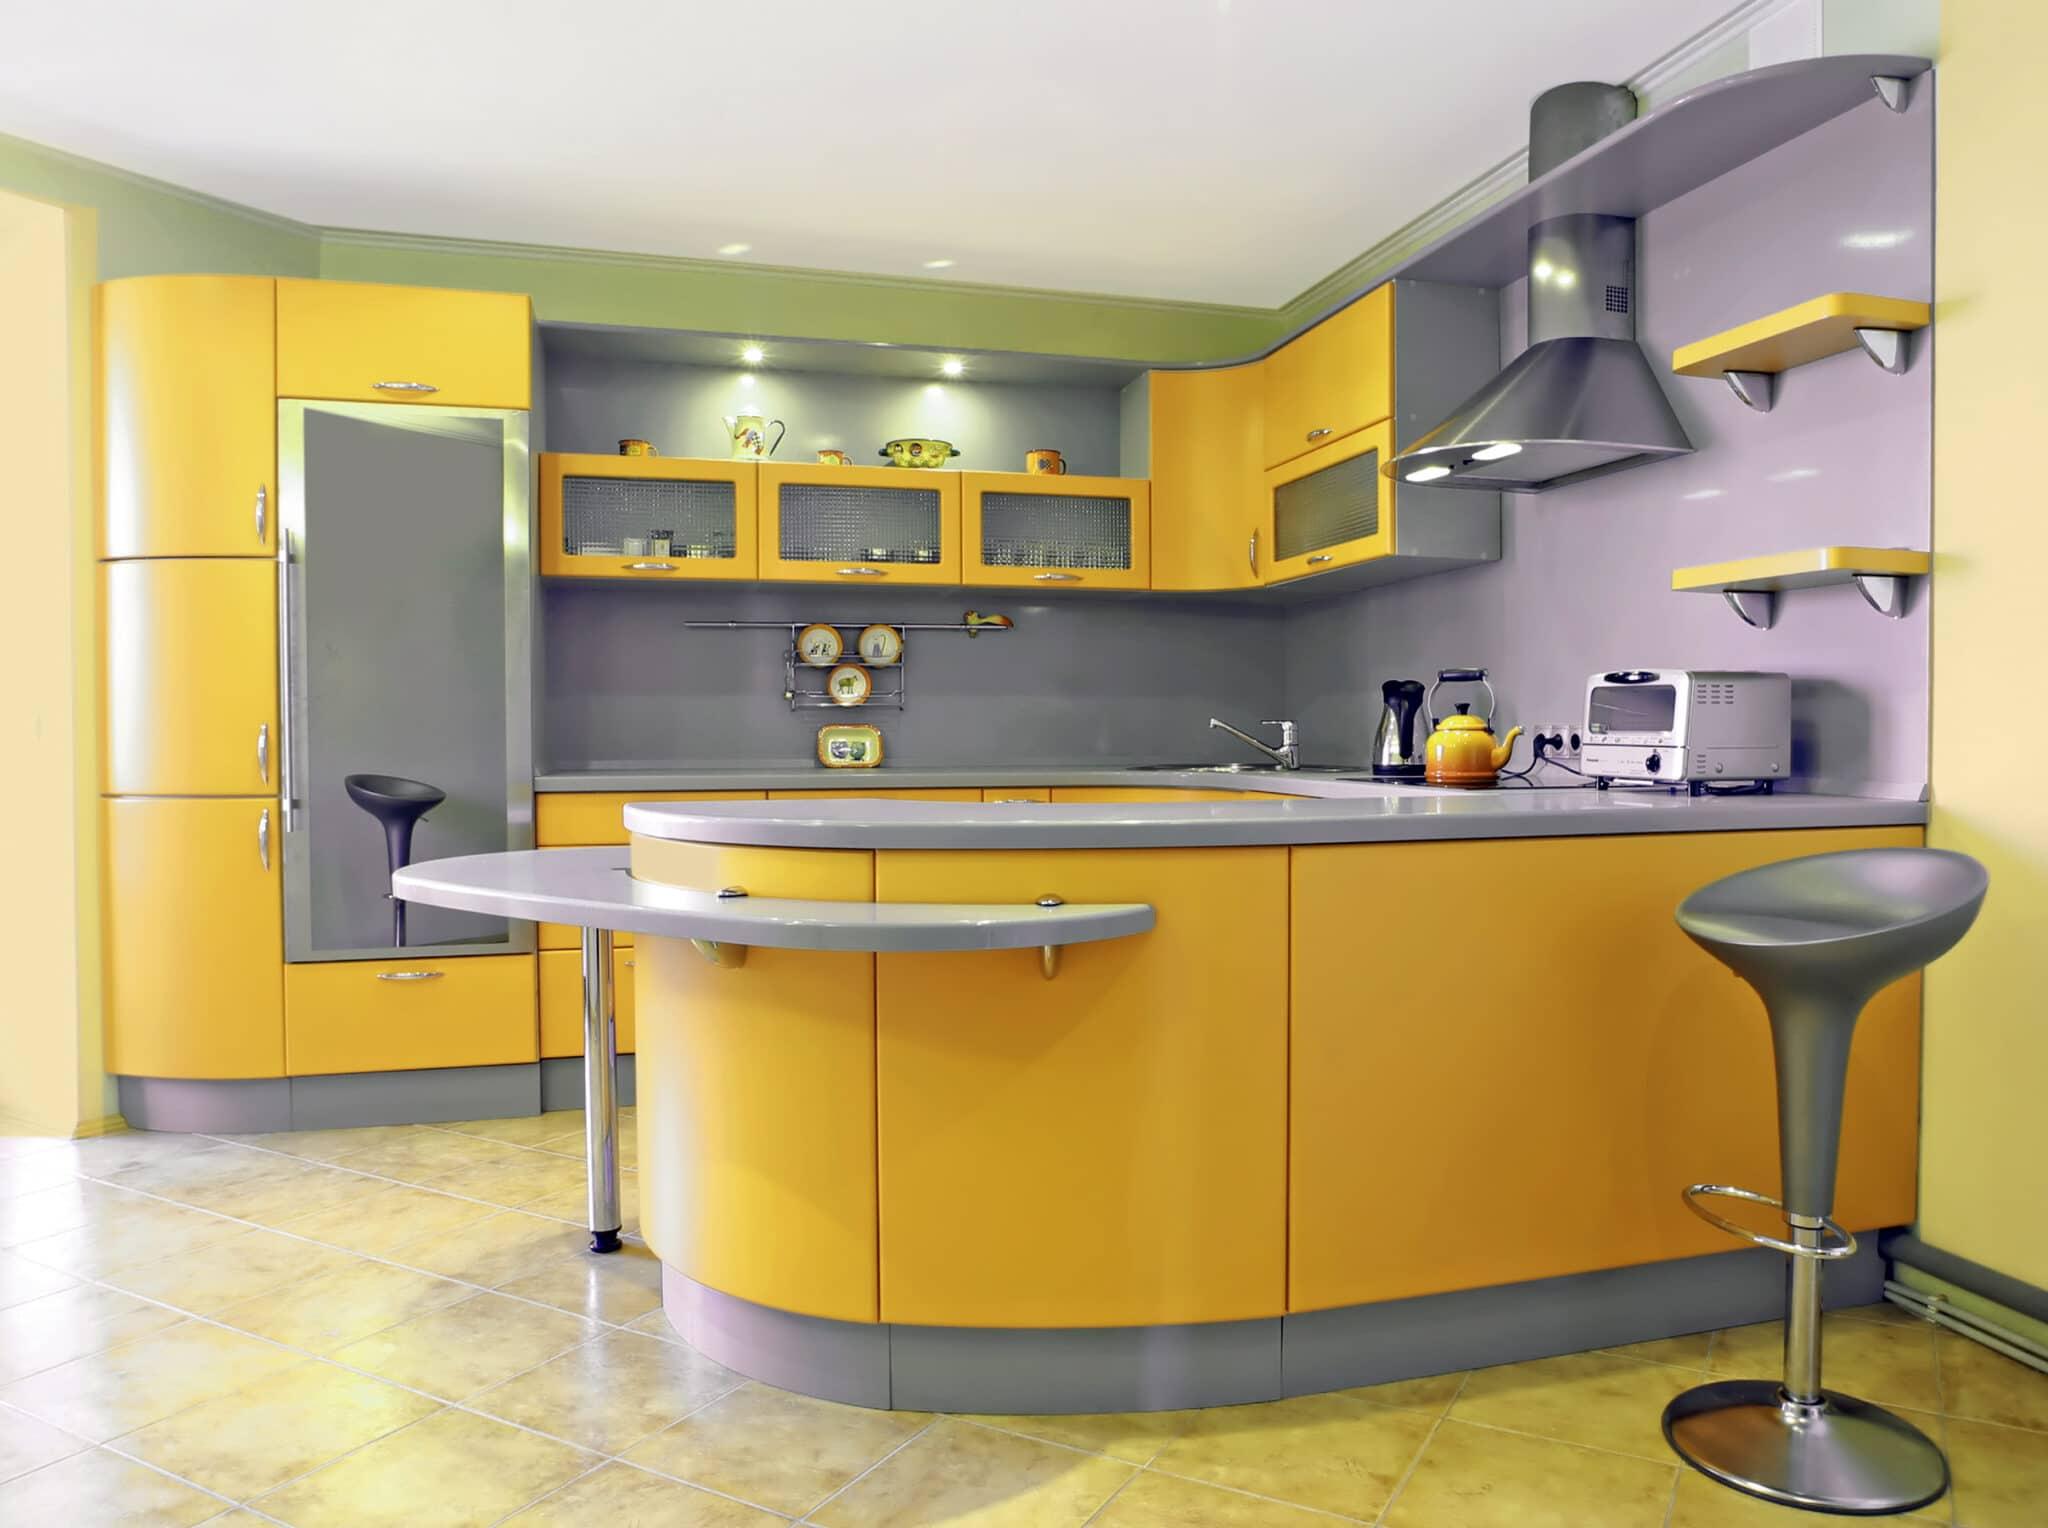 מטבחים מעץ החברות שמומחים בתחומם עם רישיון והסמכה שיודעים לספק פתרונות יעילים להתאמת תנורים גדולים לכל מטבח במקביל להפעלת המקרר והתנור ללקוח במטבח שלו